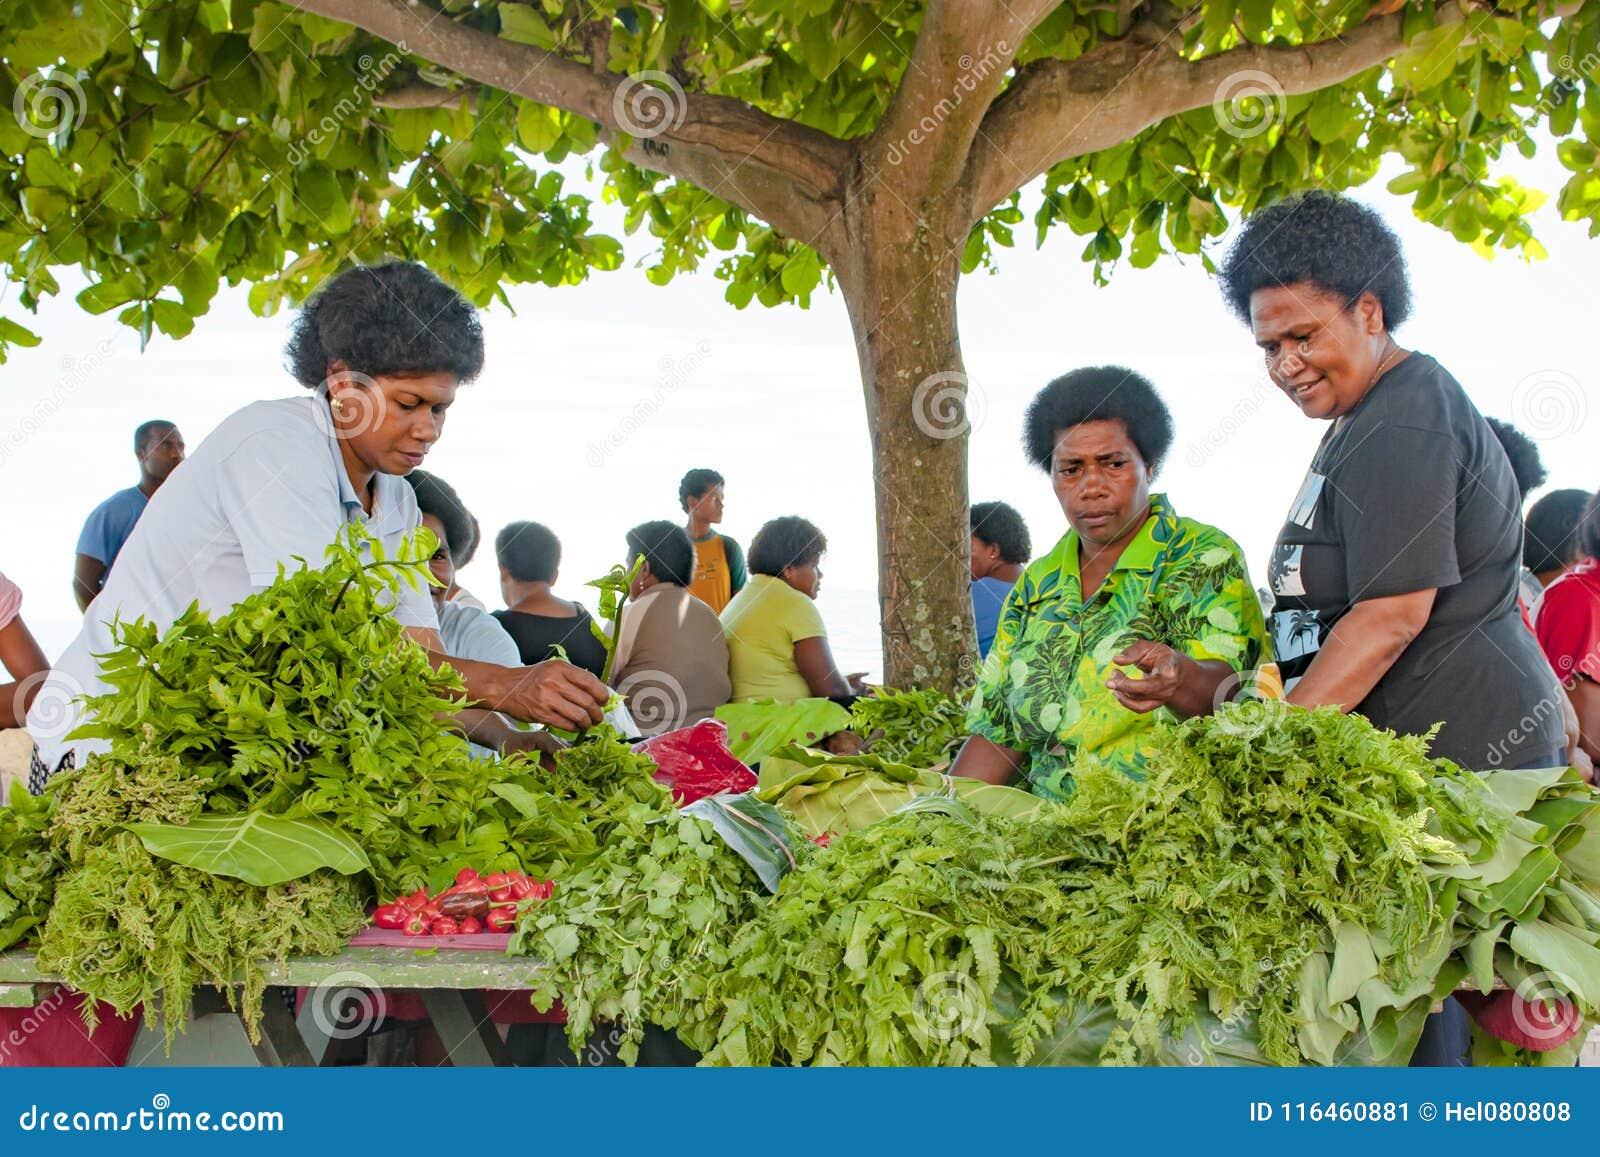 新鲜的蔬菜沙拉和菜在一棵树的叶子树荫下在热带市场上在海岛上在太平洋